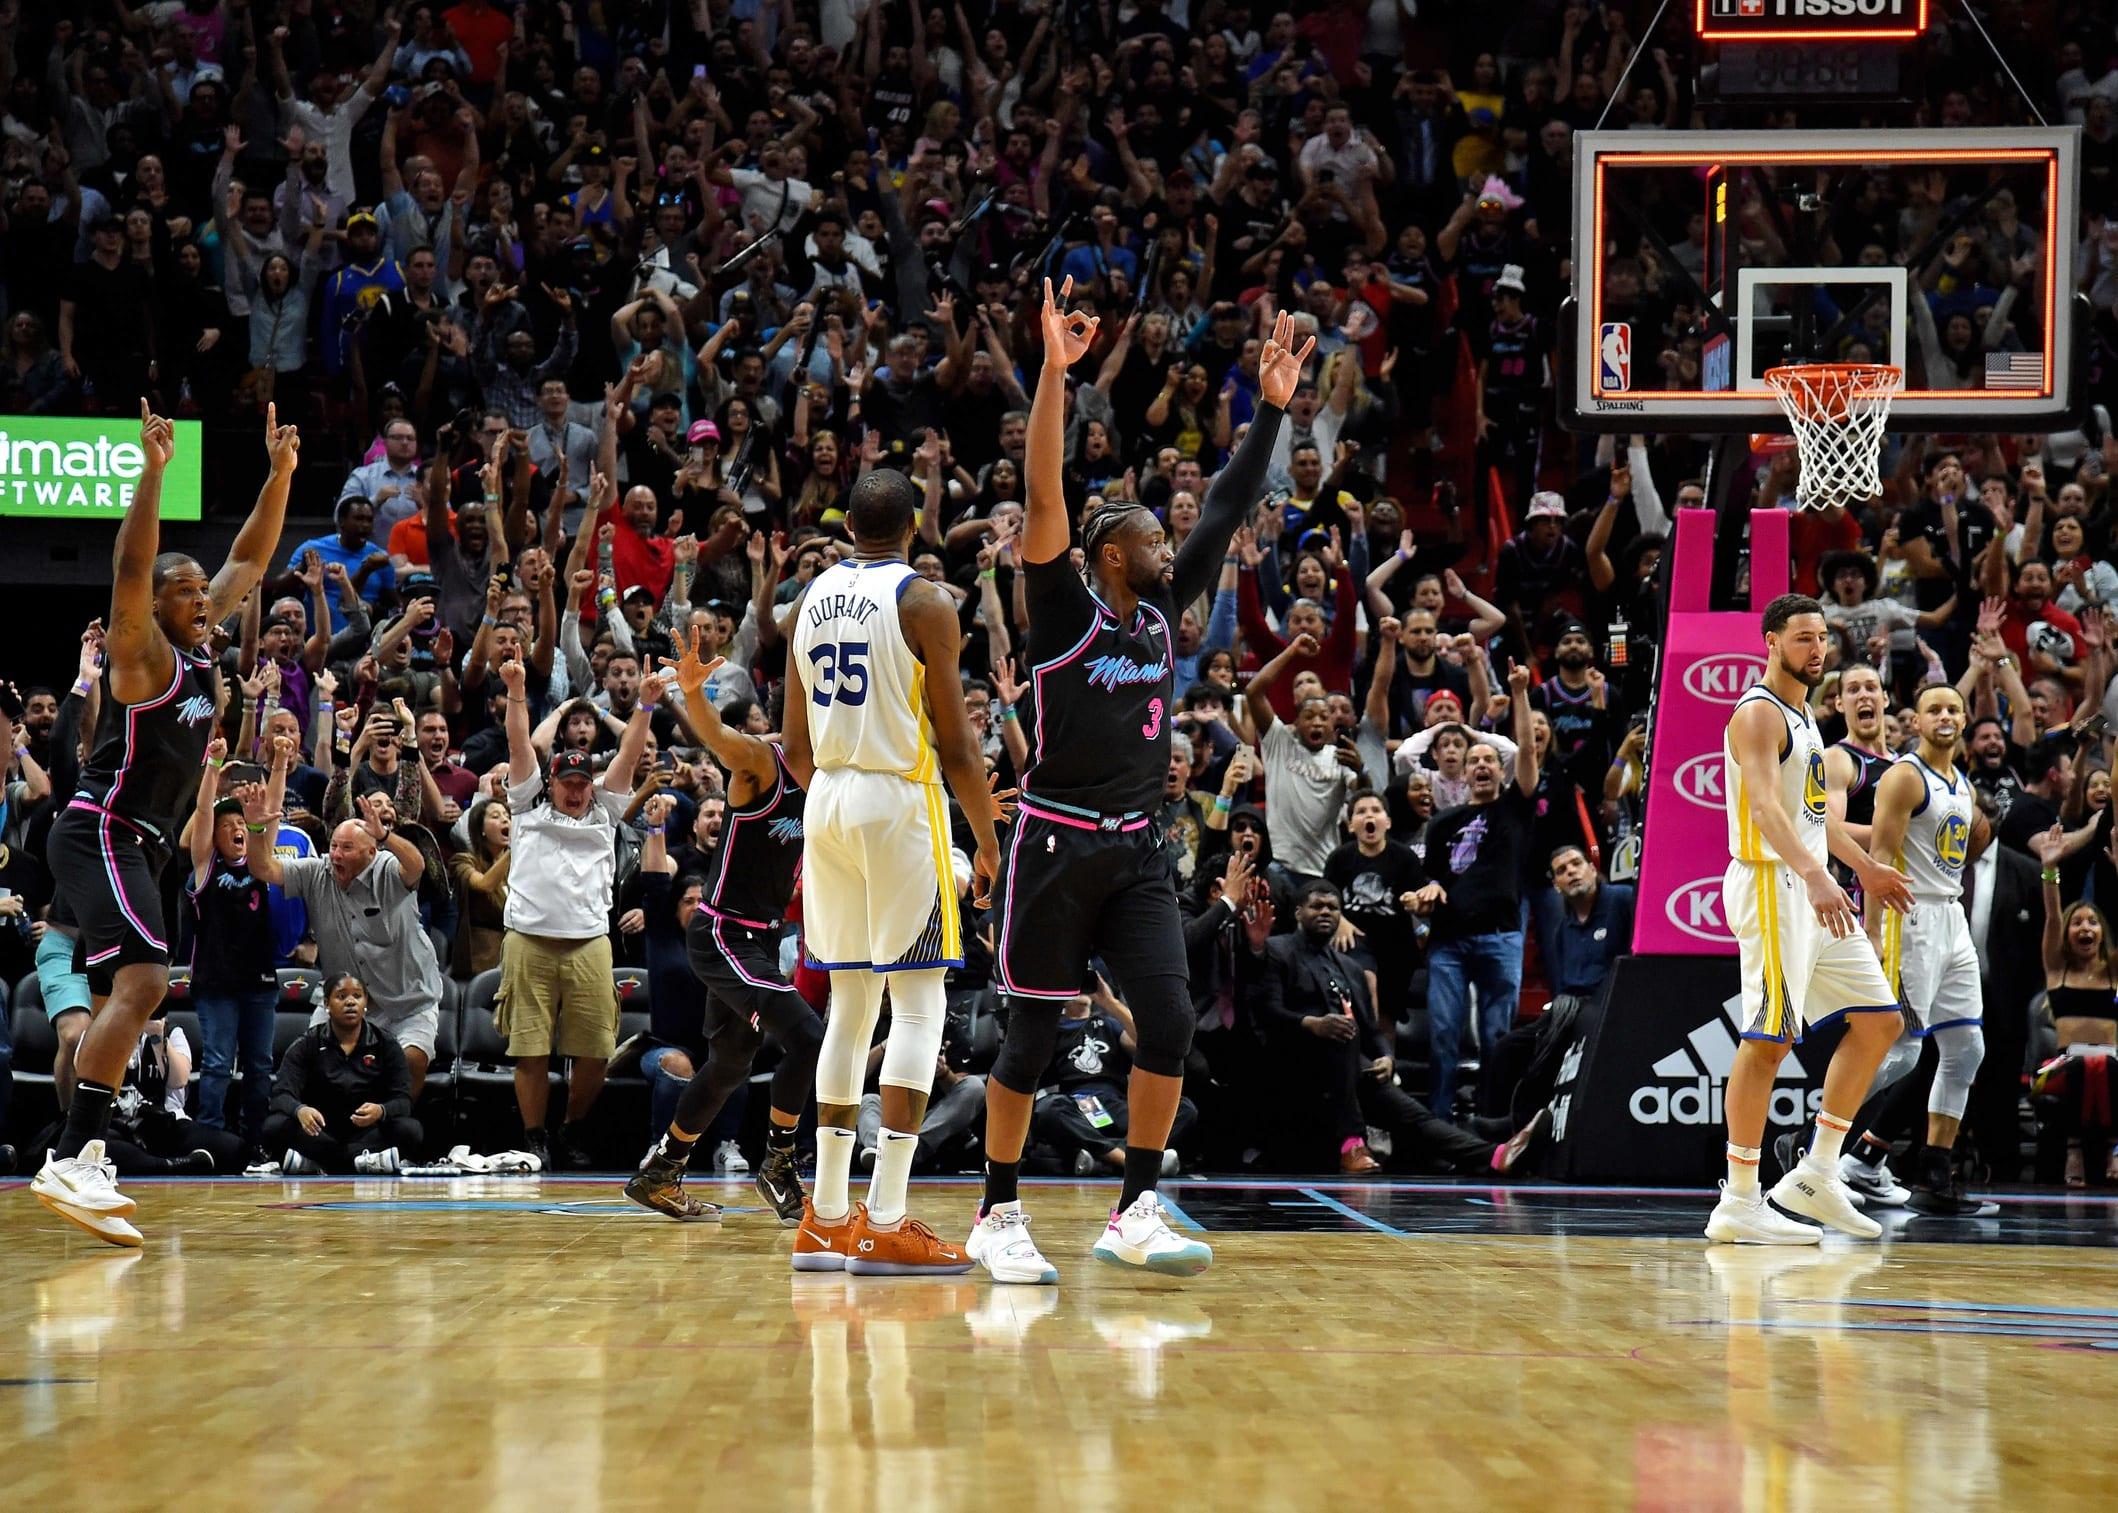 Lakers News: Dwyane Wade Credits Kobe Bryant's Mamba Mentality After